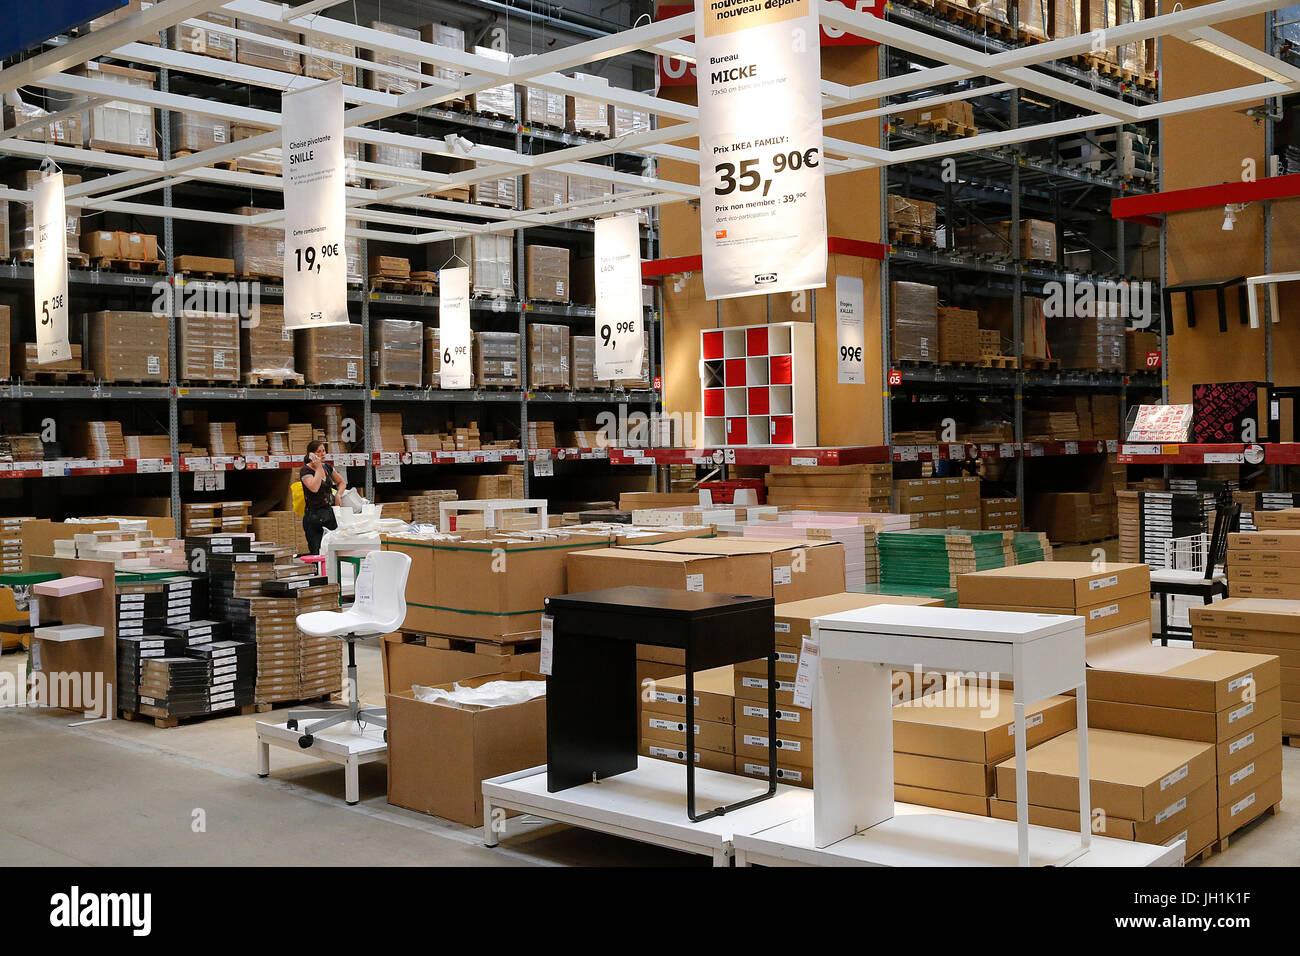 Ikea einrichtungshaus frankreich stockfoto bild alamy